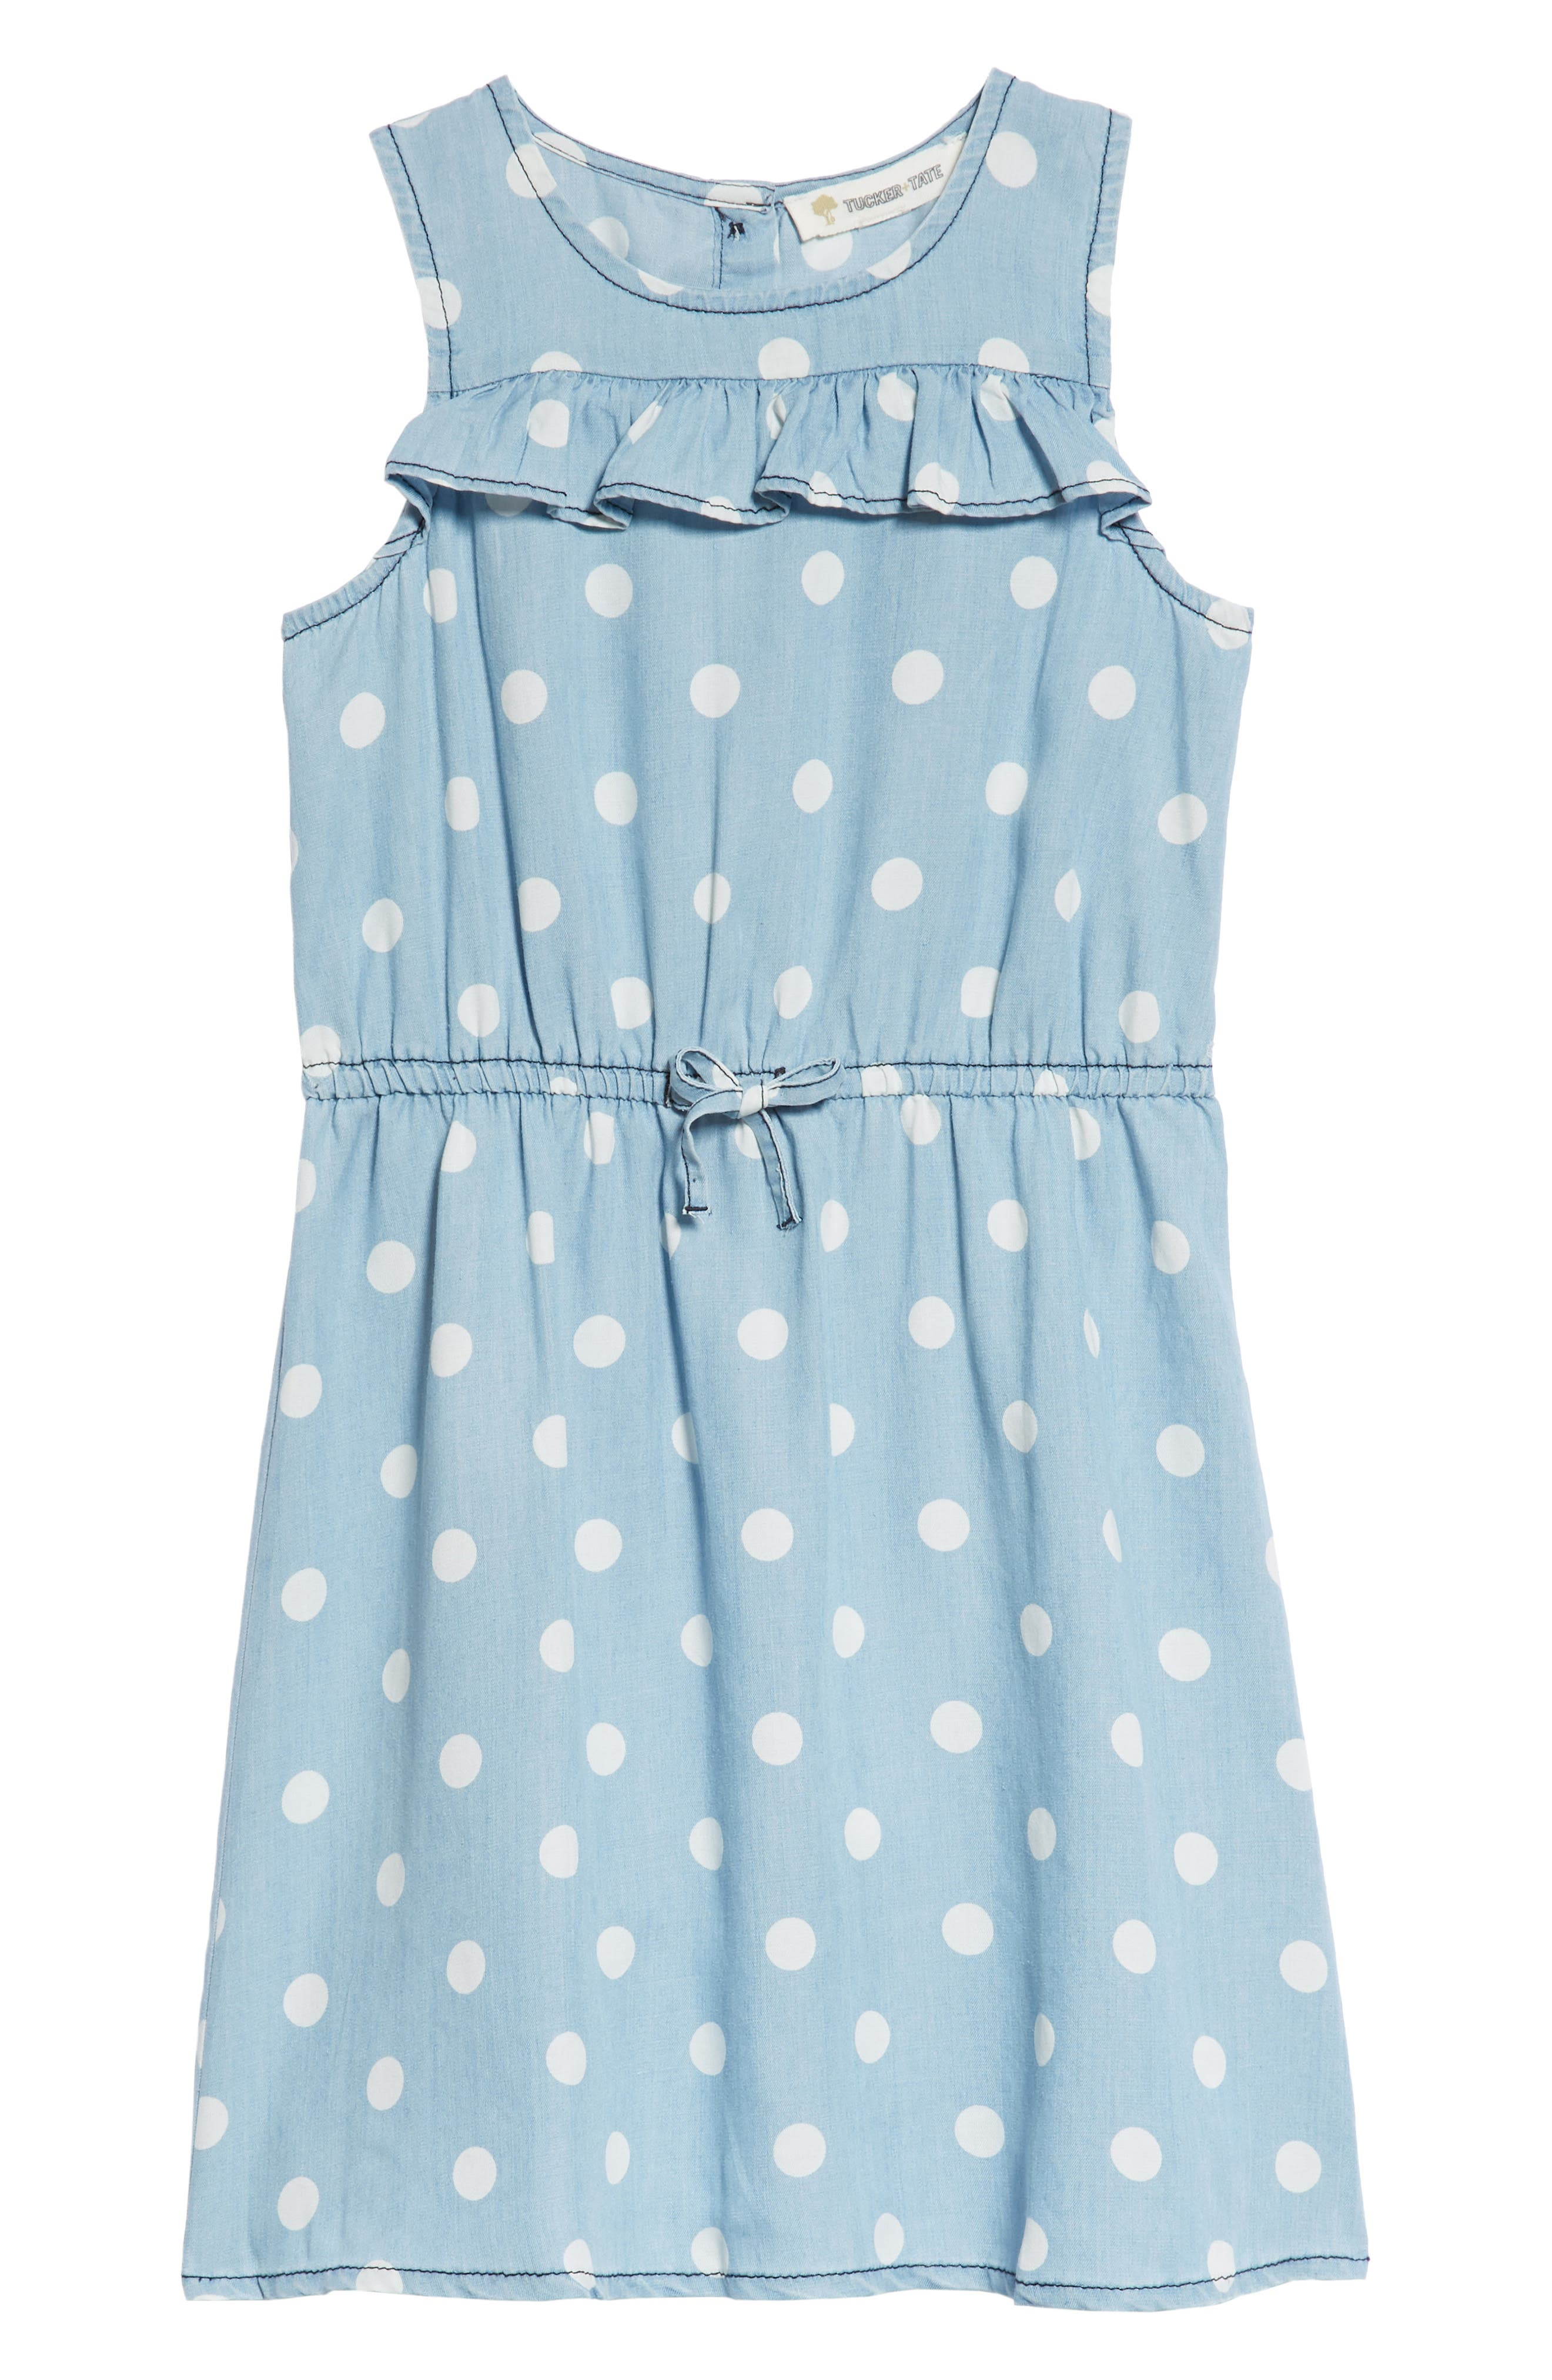 Polka Dot Ruffle Dress,                             Main thumbnail 1, color,                             Blue Wash Dot Print